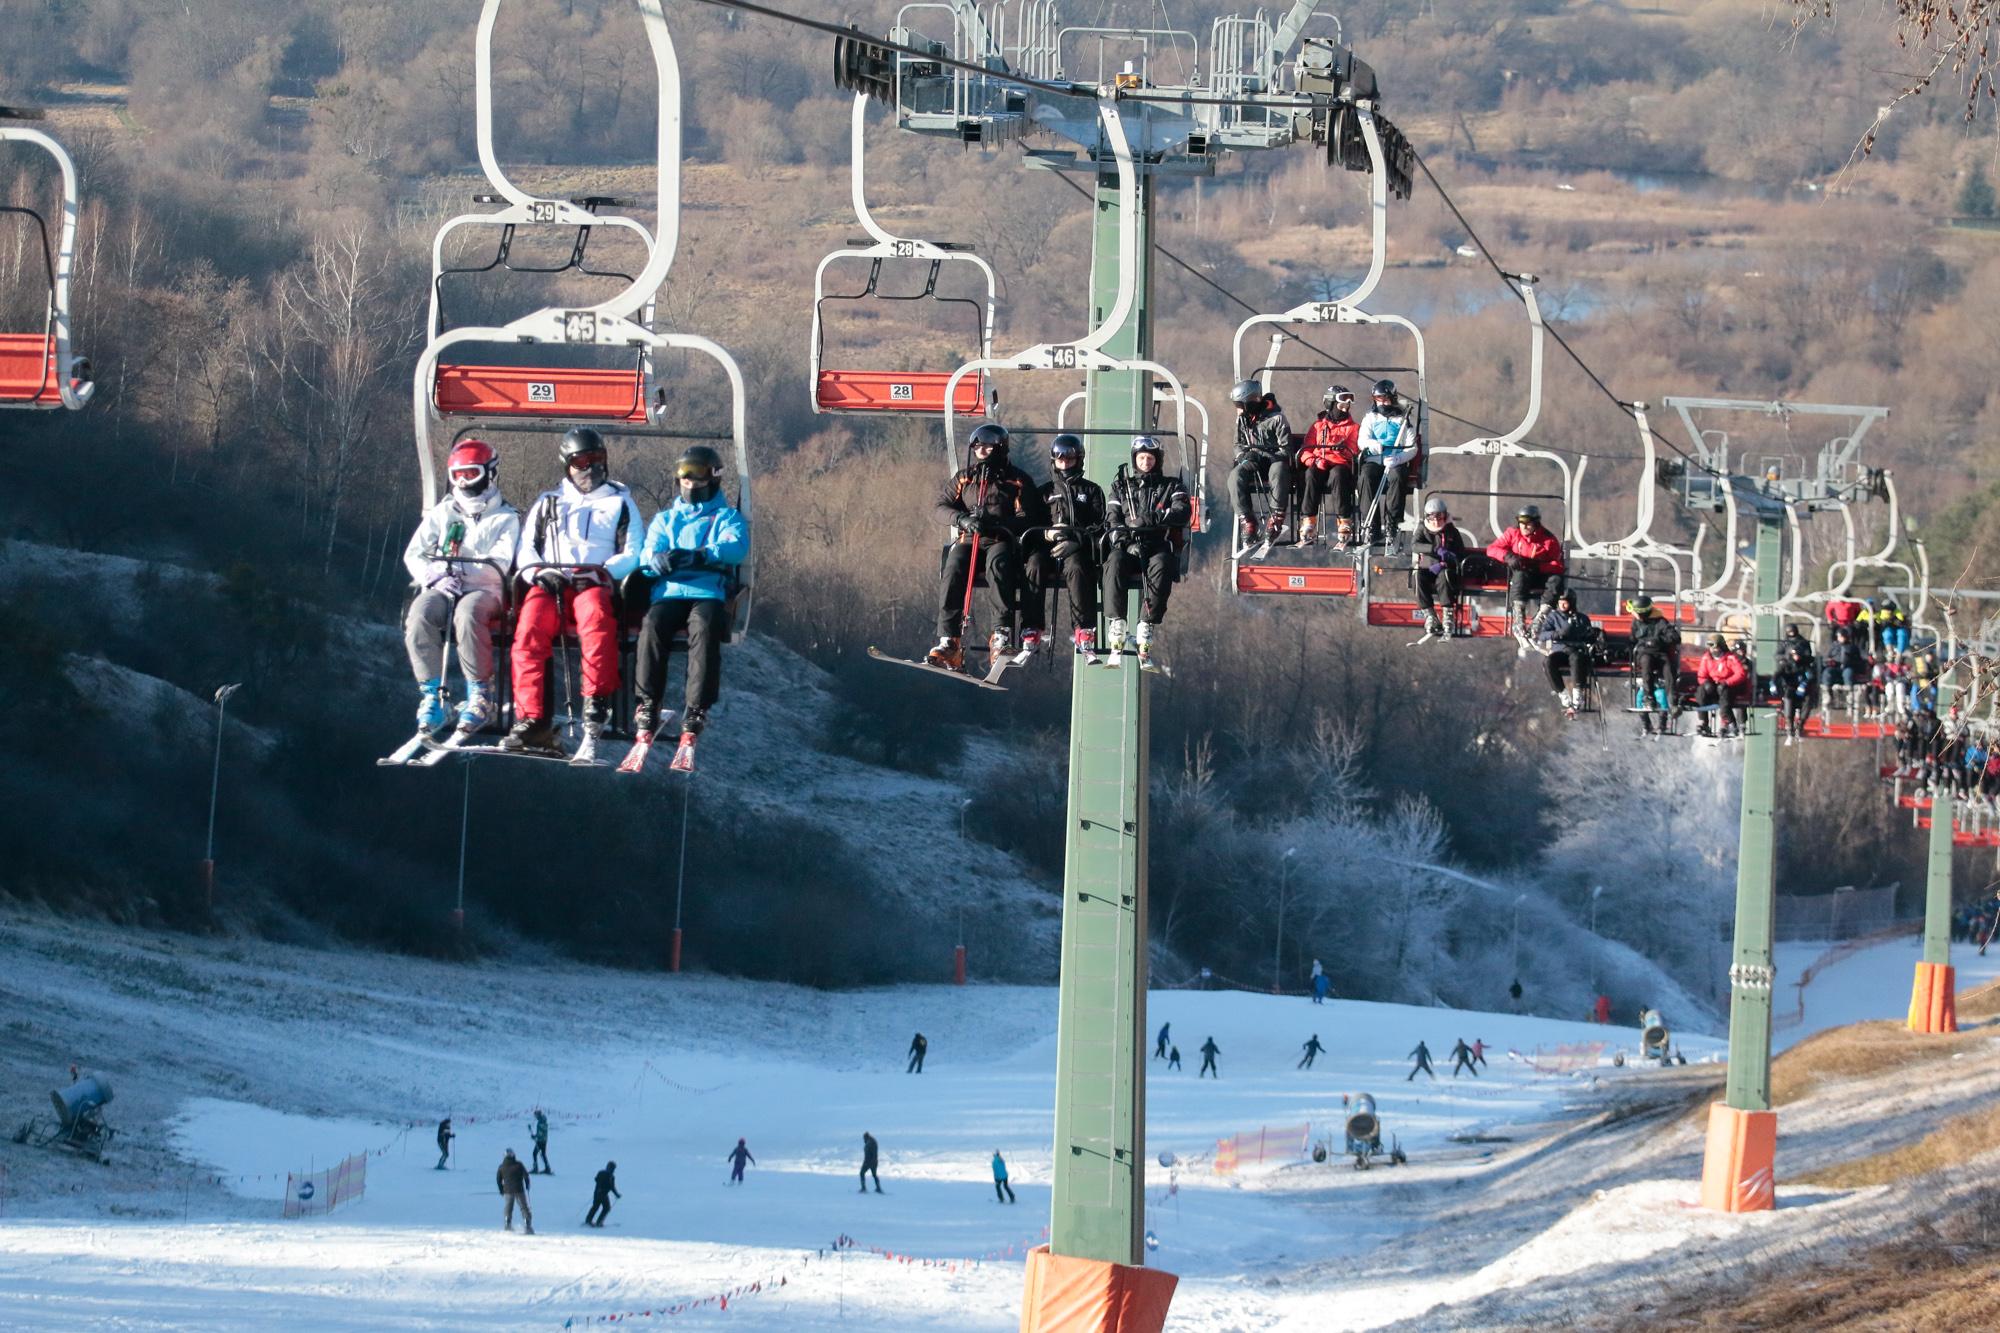 Pomyłka rządu! Wyciągi narciarskie mogą być czynne! - Zdjęcie główne